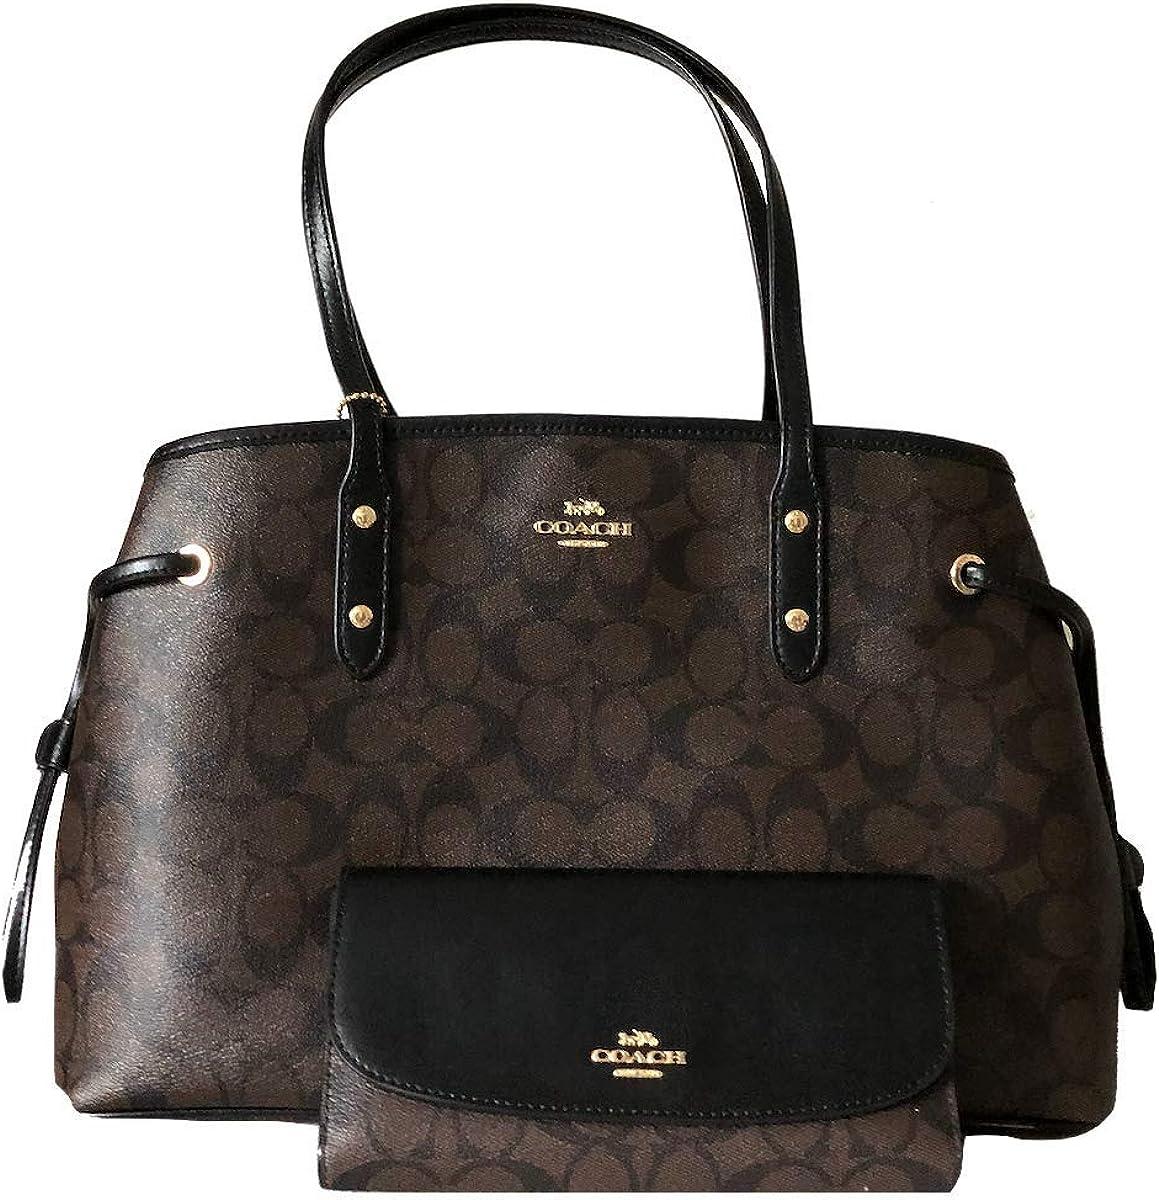 New Coach C Signature Purse Satchel Hand Bag & Wallet 2 Piece Set Brown Black